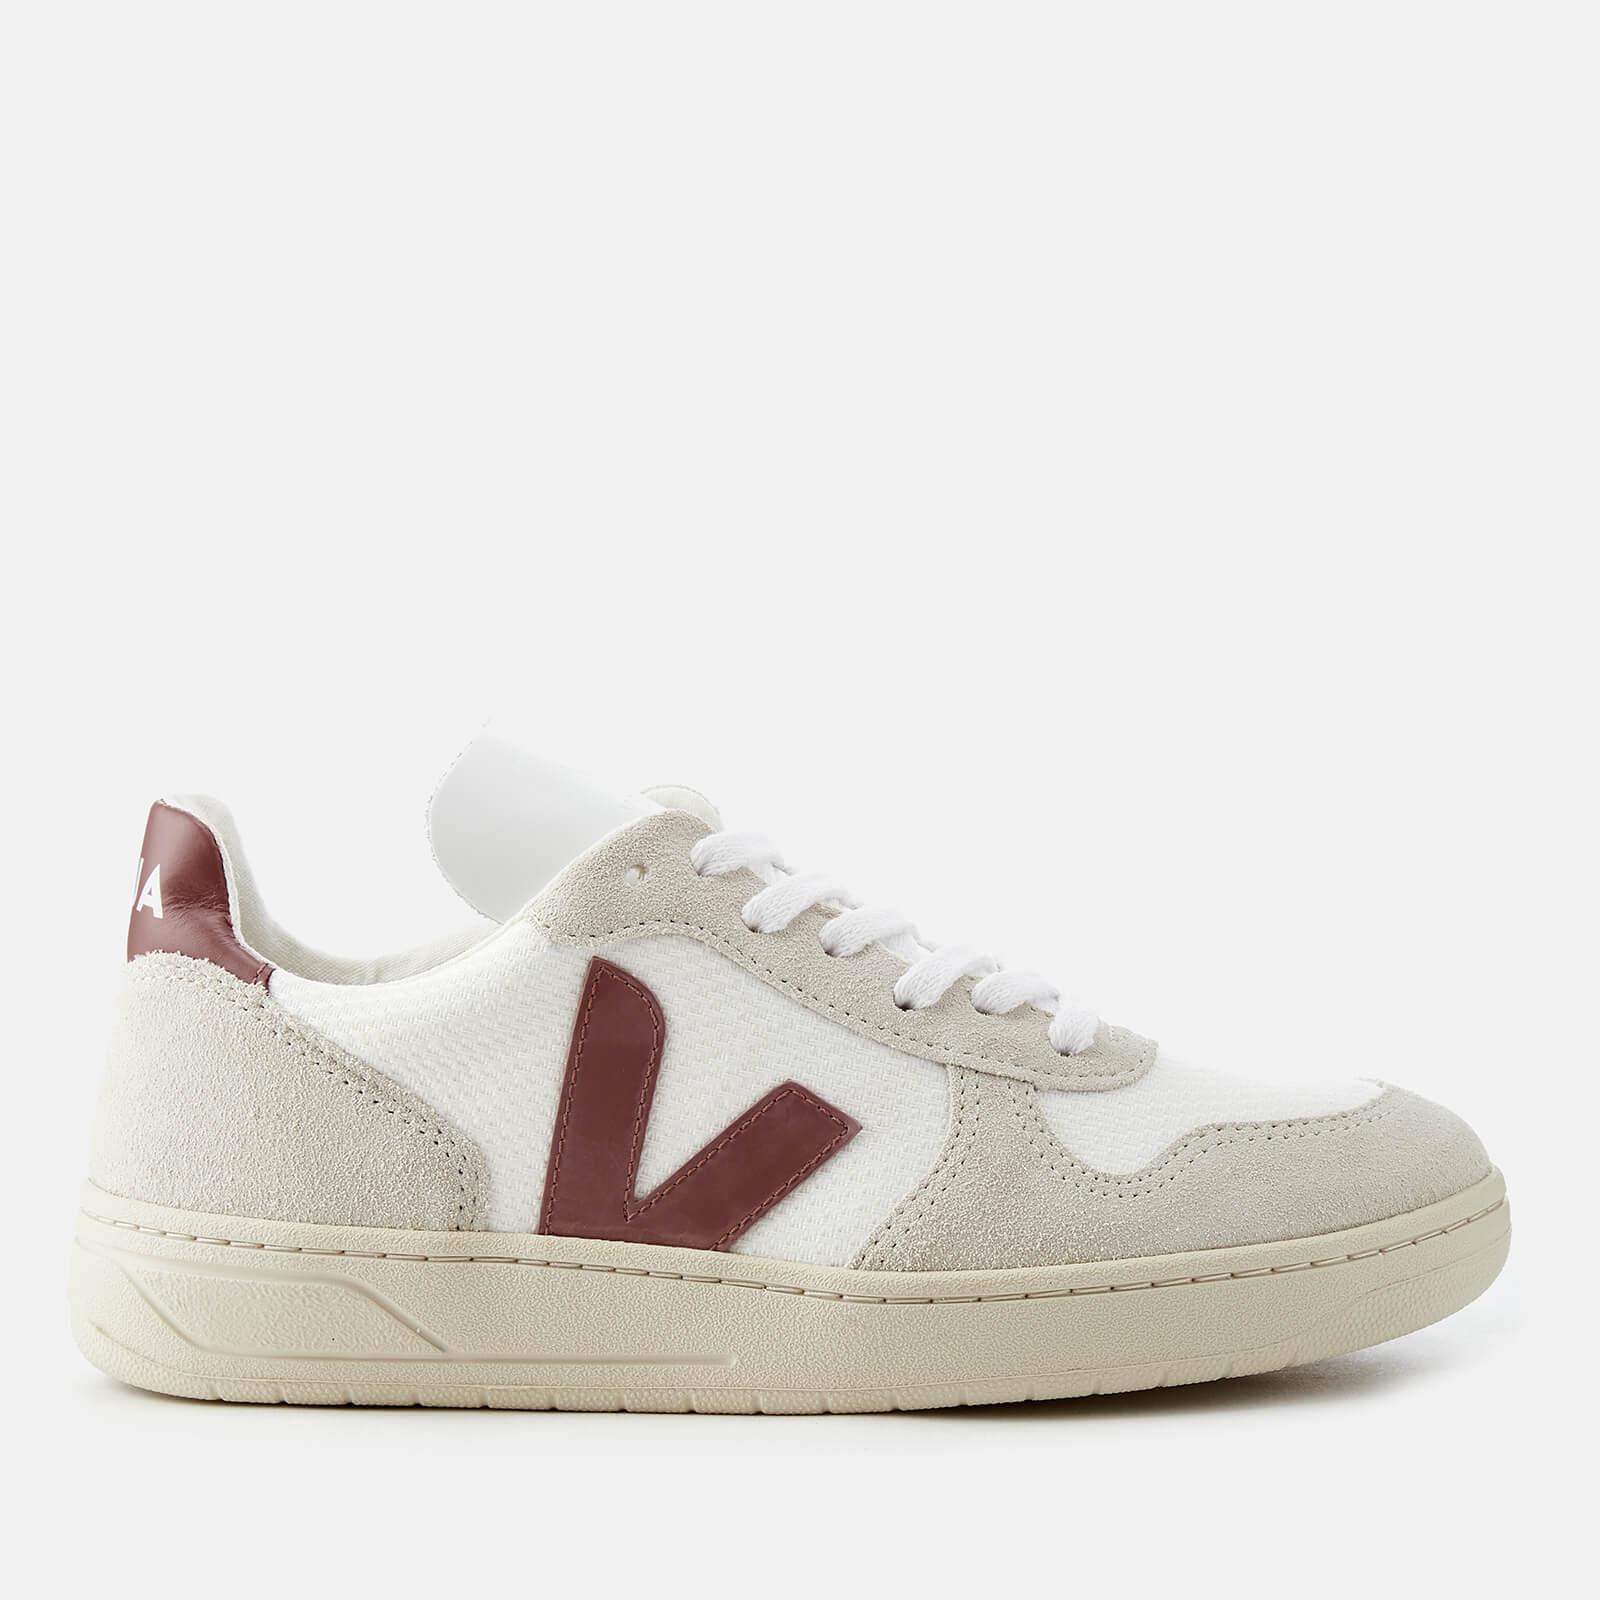 V10 B-Mesh Trainers - White/Dried Petal